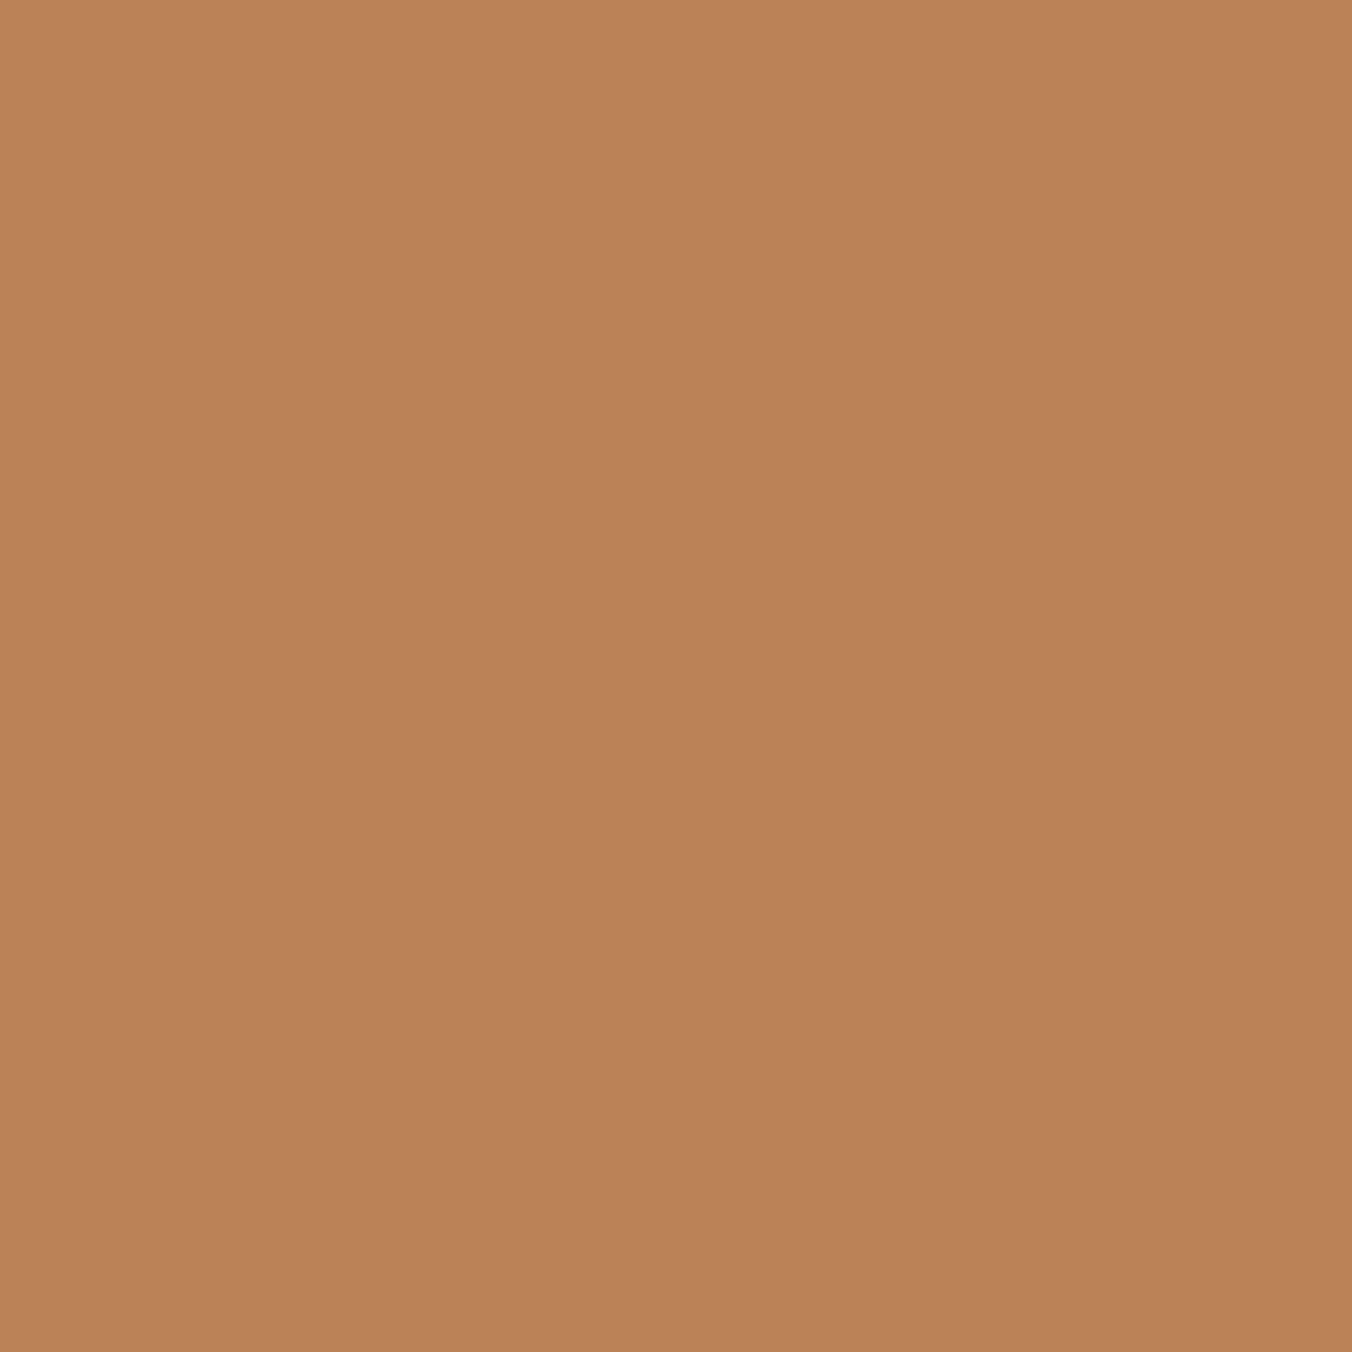 寝室ボンド遵守するSANMIMORE(サンミモレ化粧品) UVパクト 54号ナチュラル (レフィル 替パフ付)